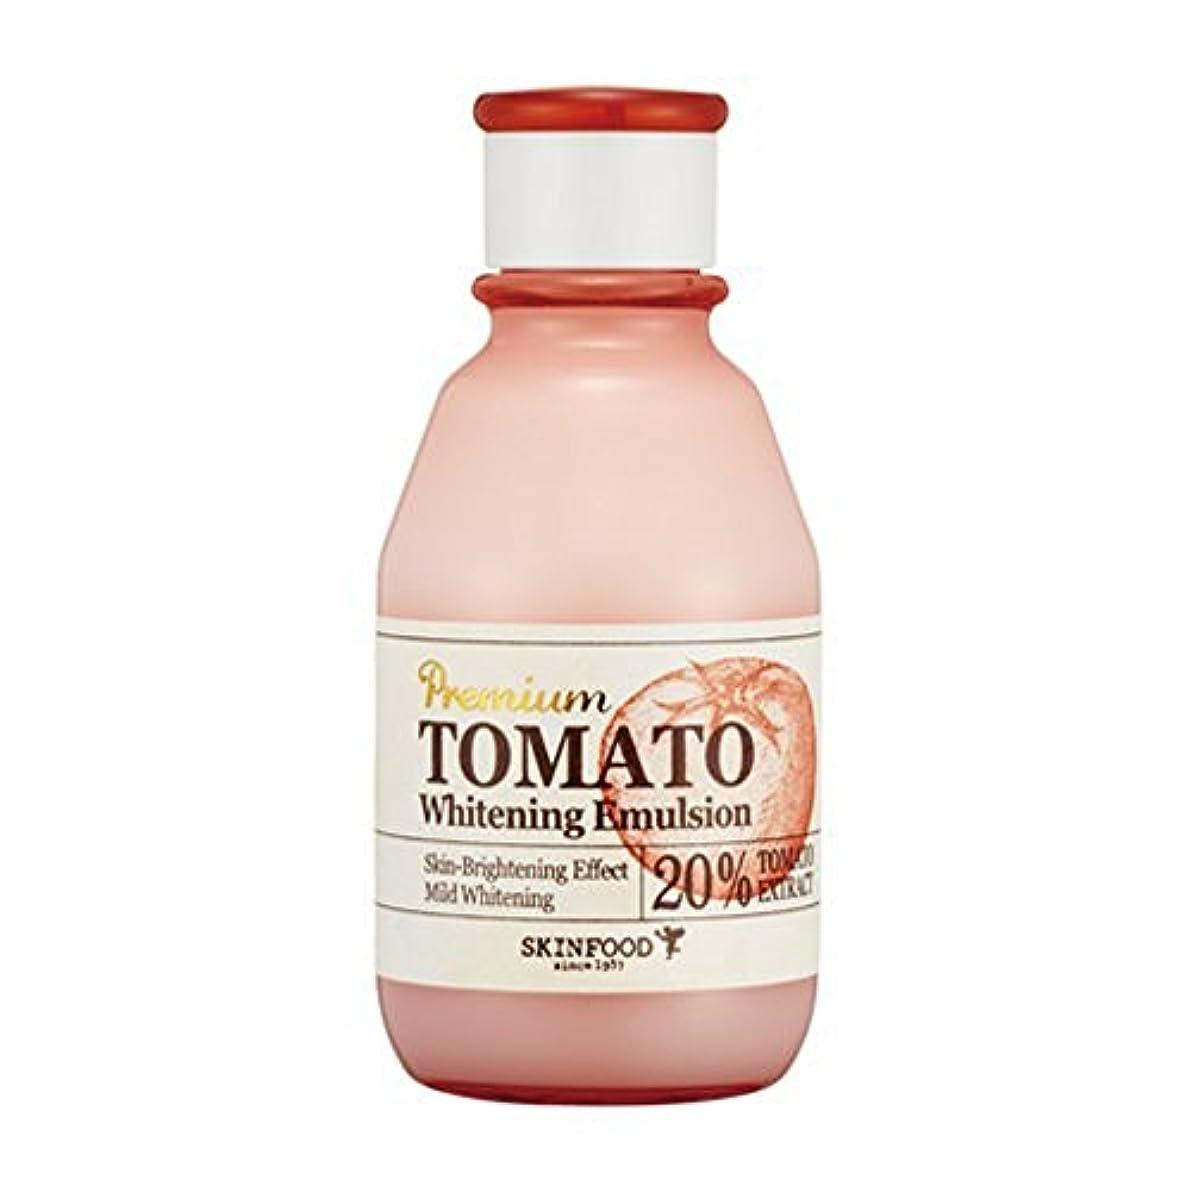 誰が柔らかさ無しSKINFOOD スキンフード トマト?ホワイトニング?乳液?エマルジョン 140ml (Premium Tomato Whitening Emulsion) 海外直送品